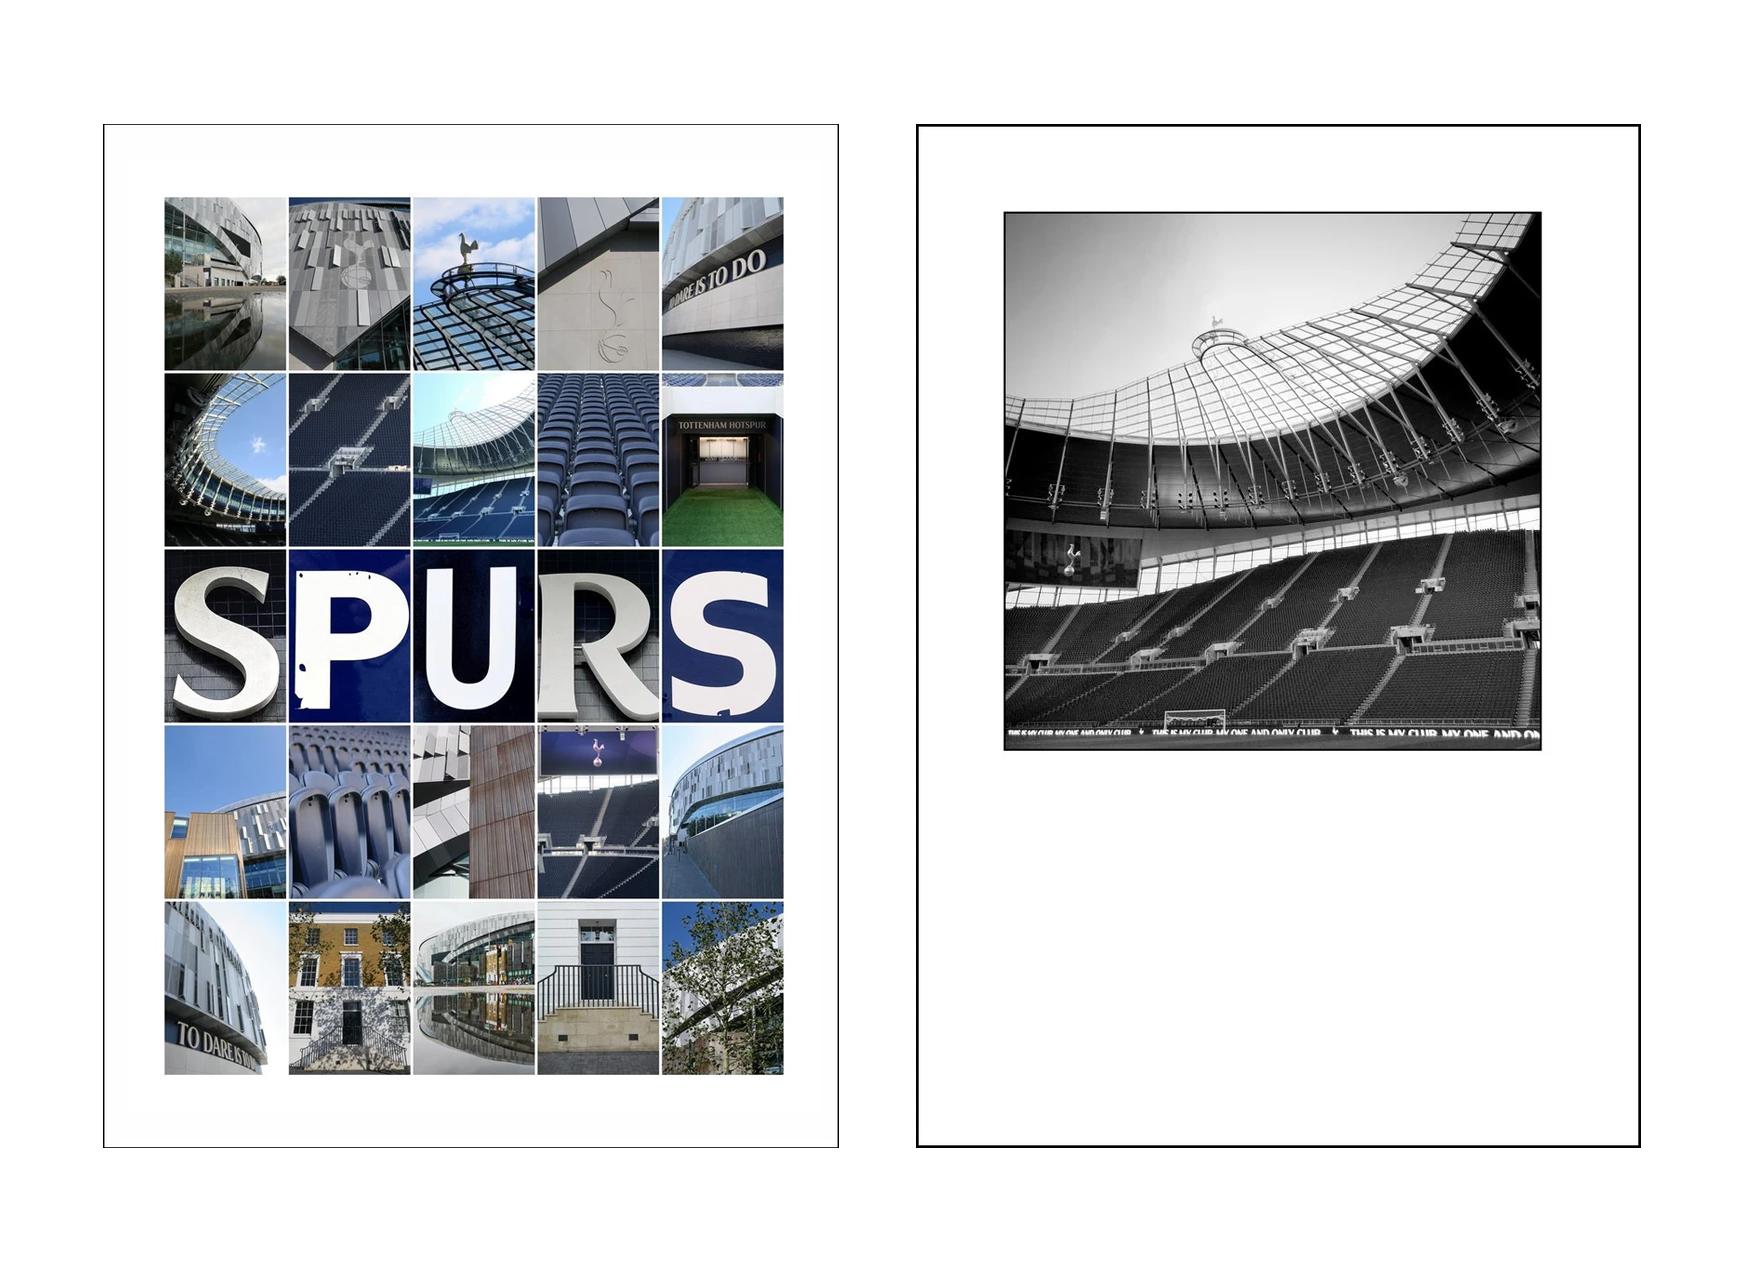 The Spurs Stadium - Tottenham Hotspur